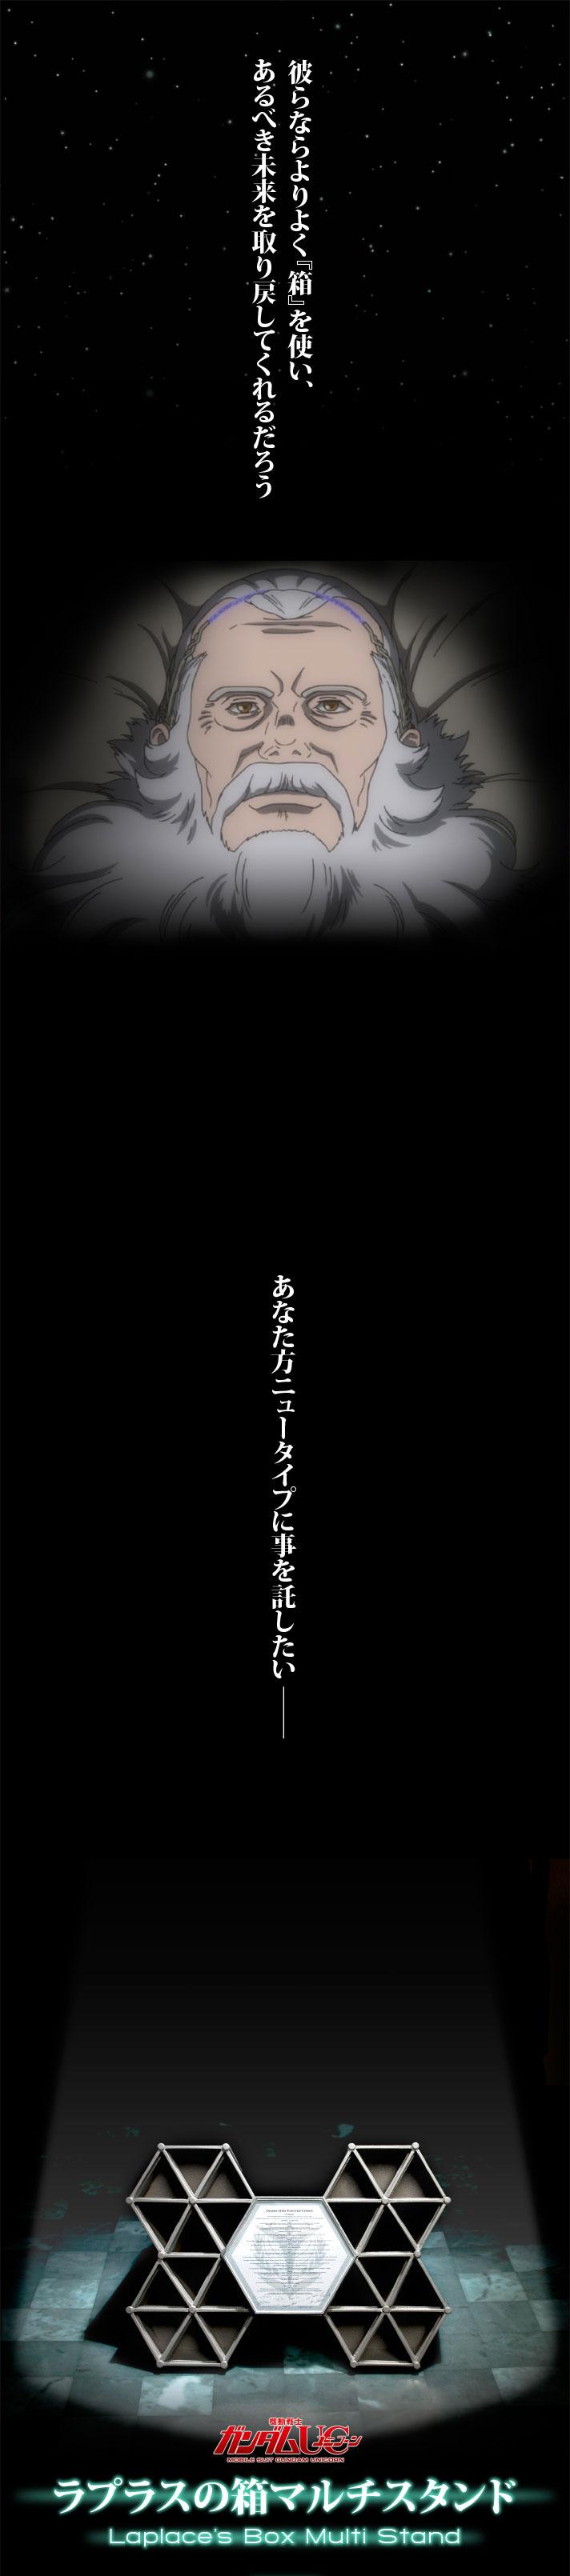 機動戦士ガンダムUC ラプラスの箱マルチスタンド【2次:2016年5月発送】